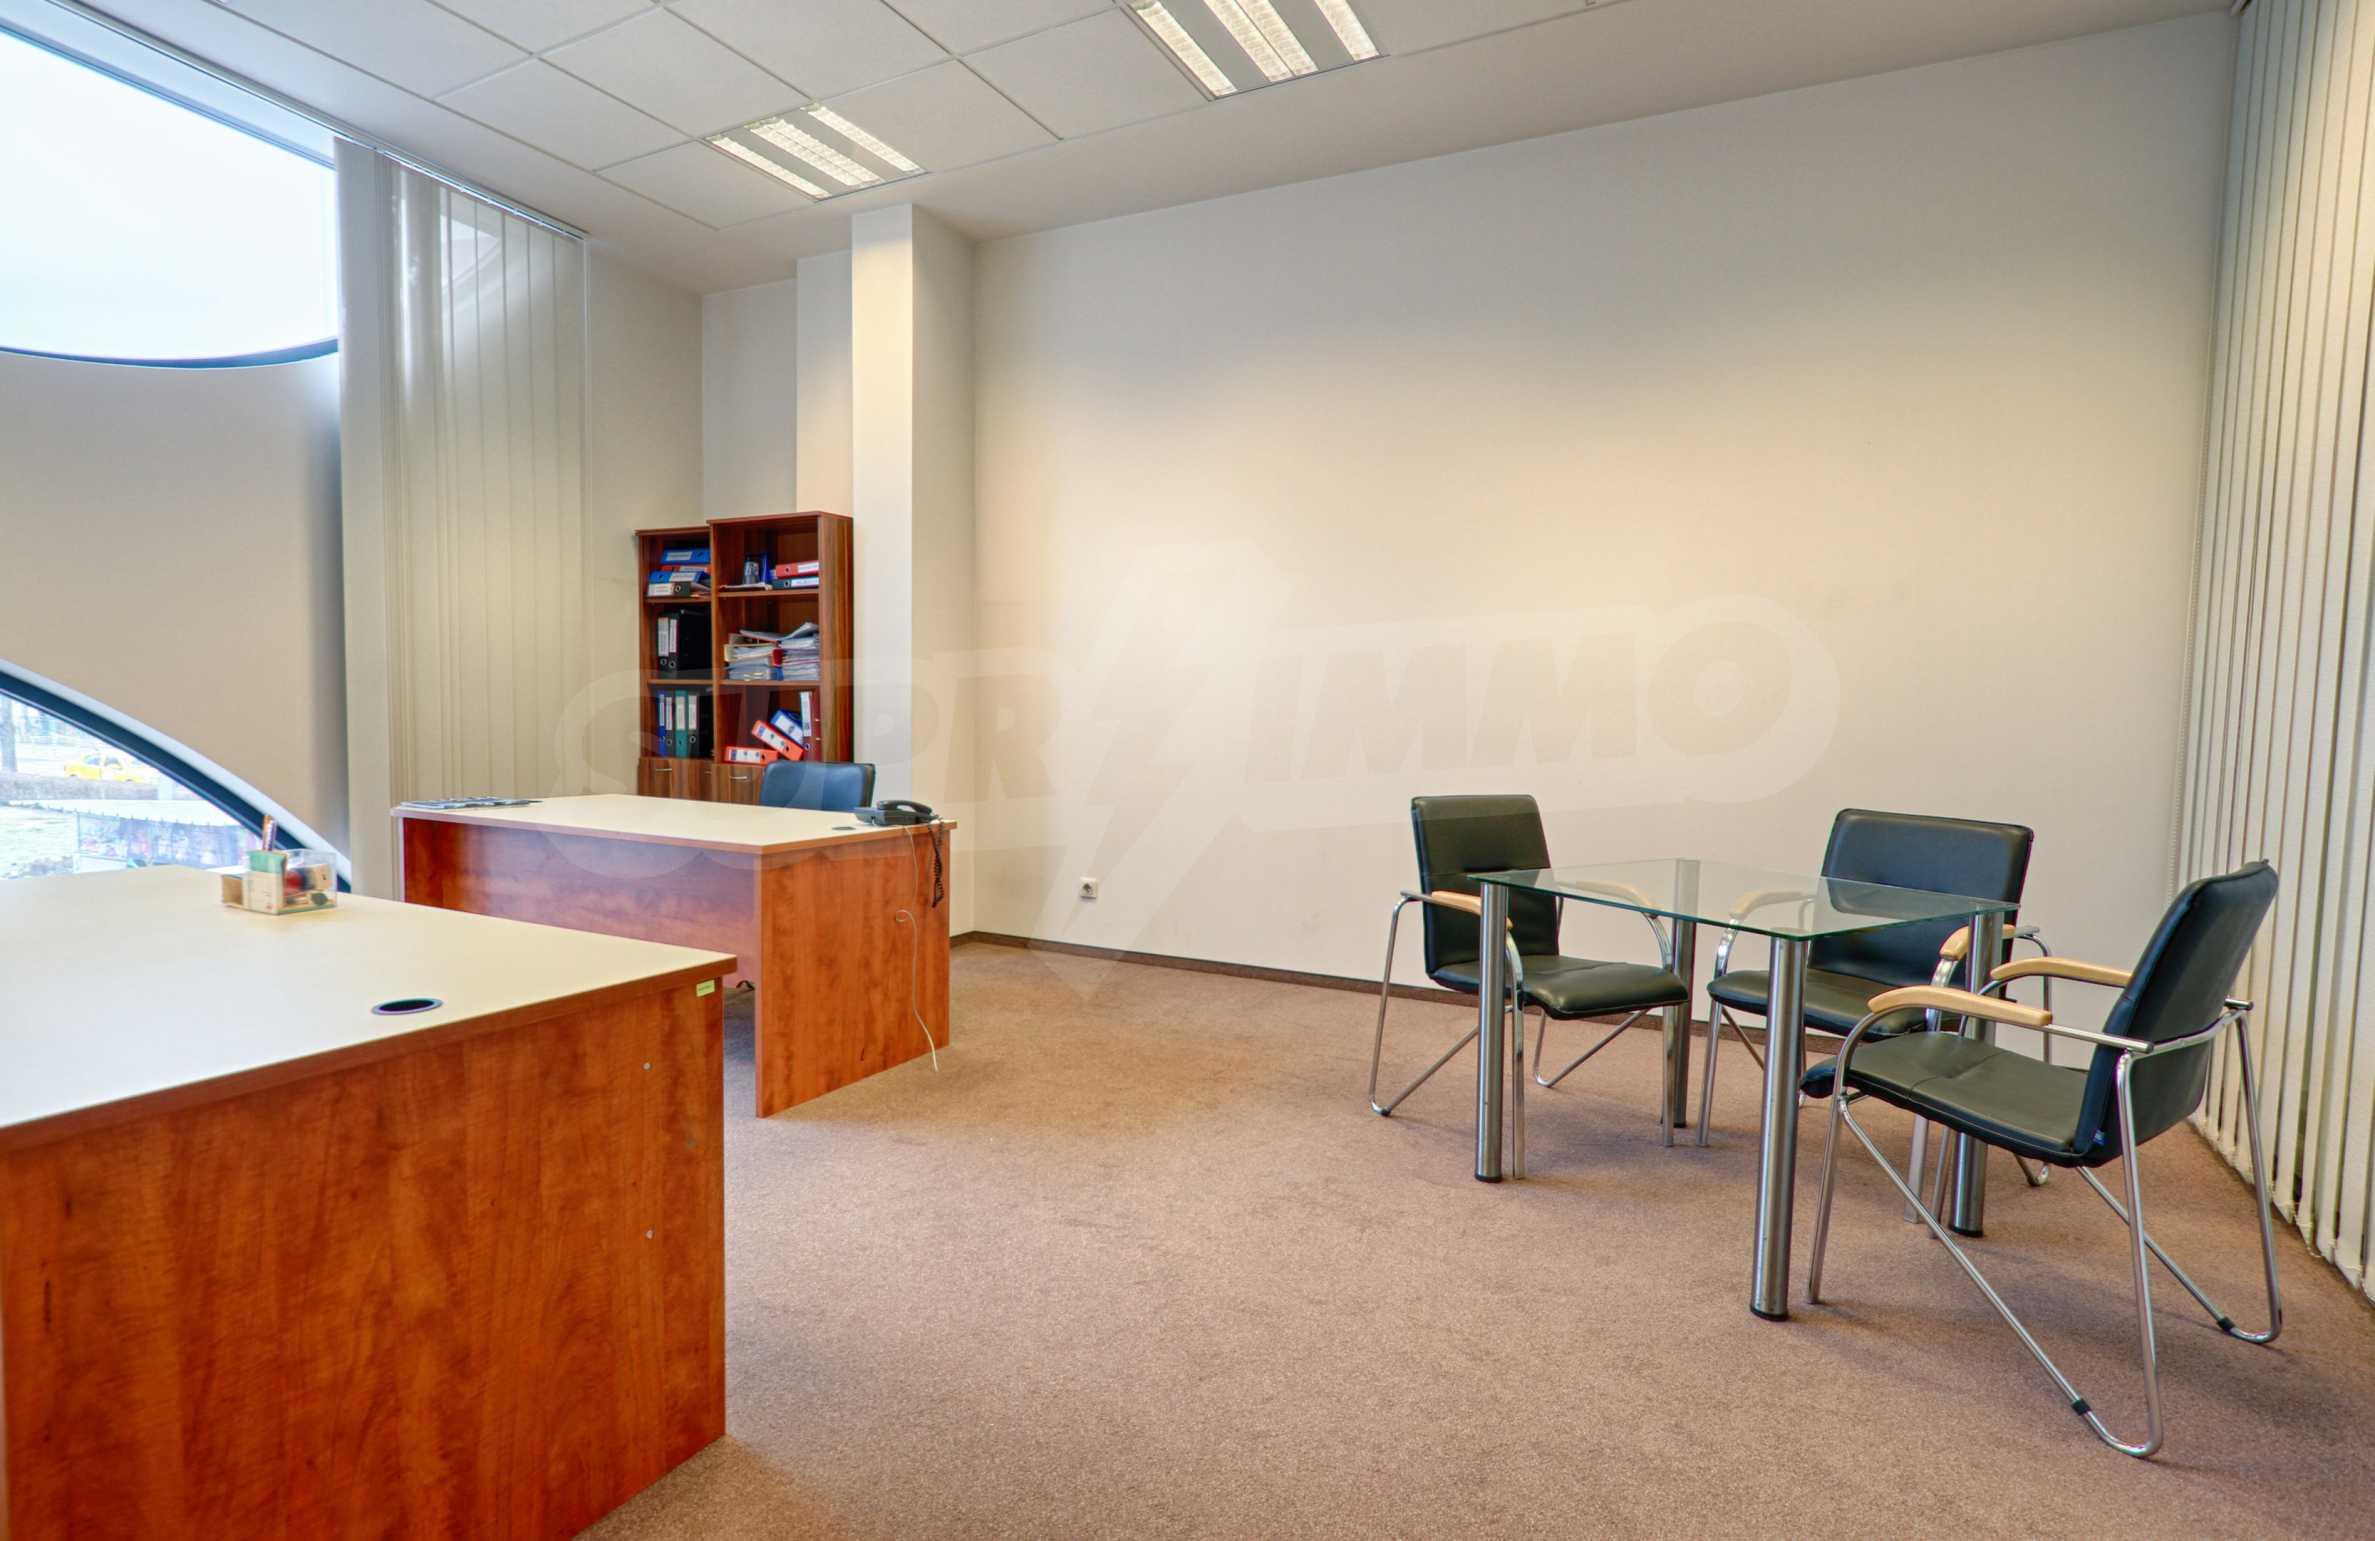 Впечатляващ офис до хотел Плиска 15